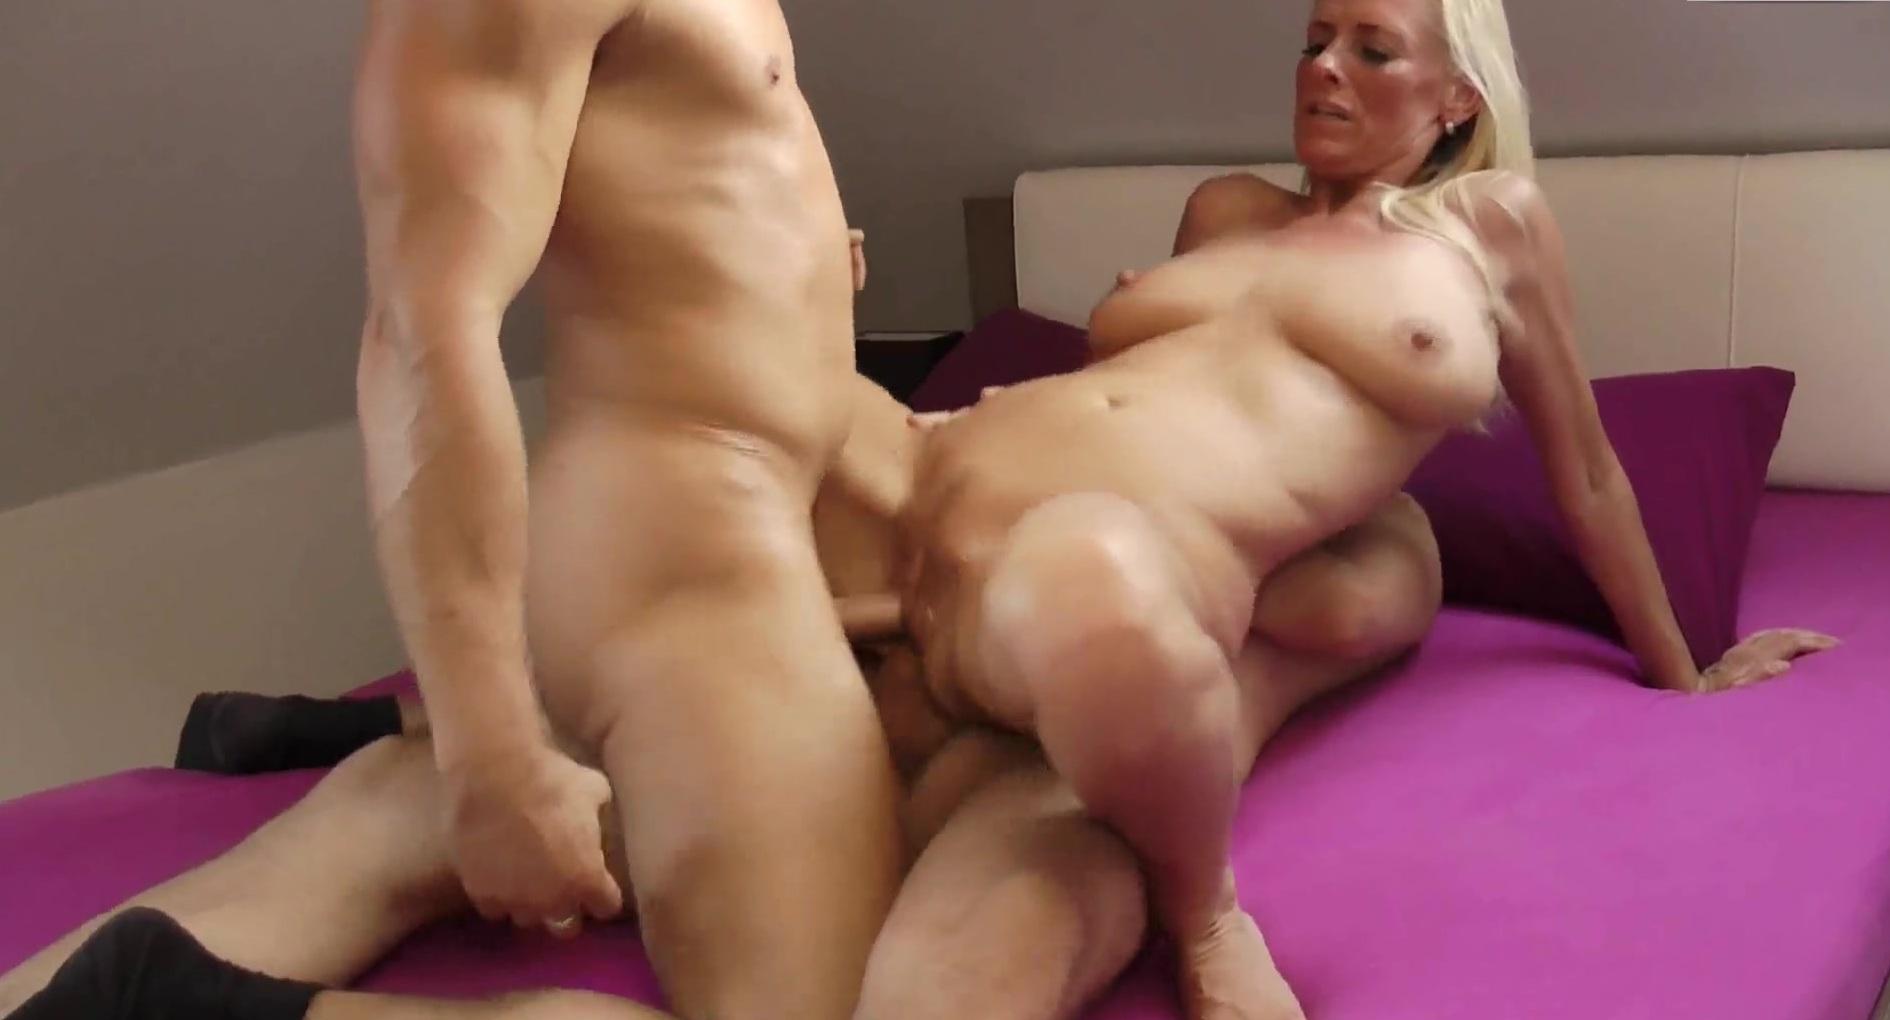 Фистинг у мужчин порно ролики 14 фотография